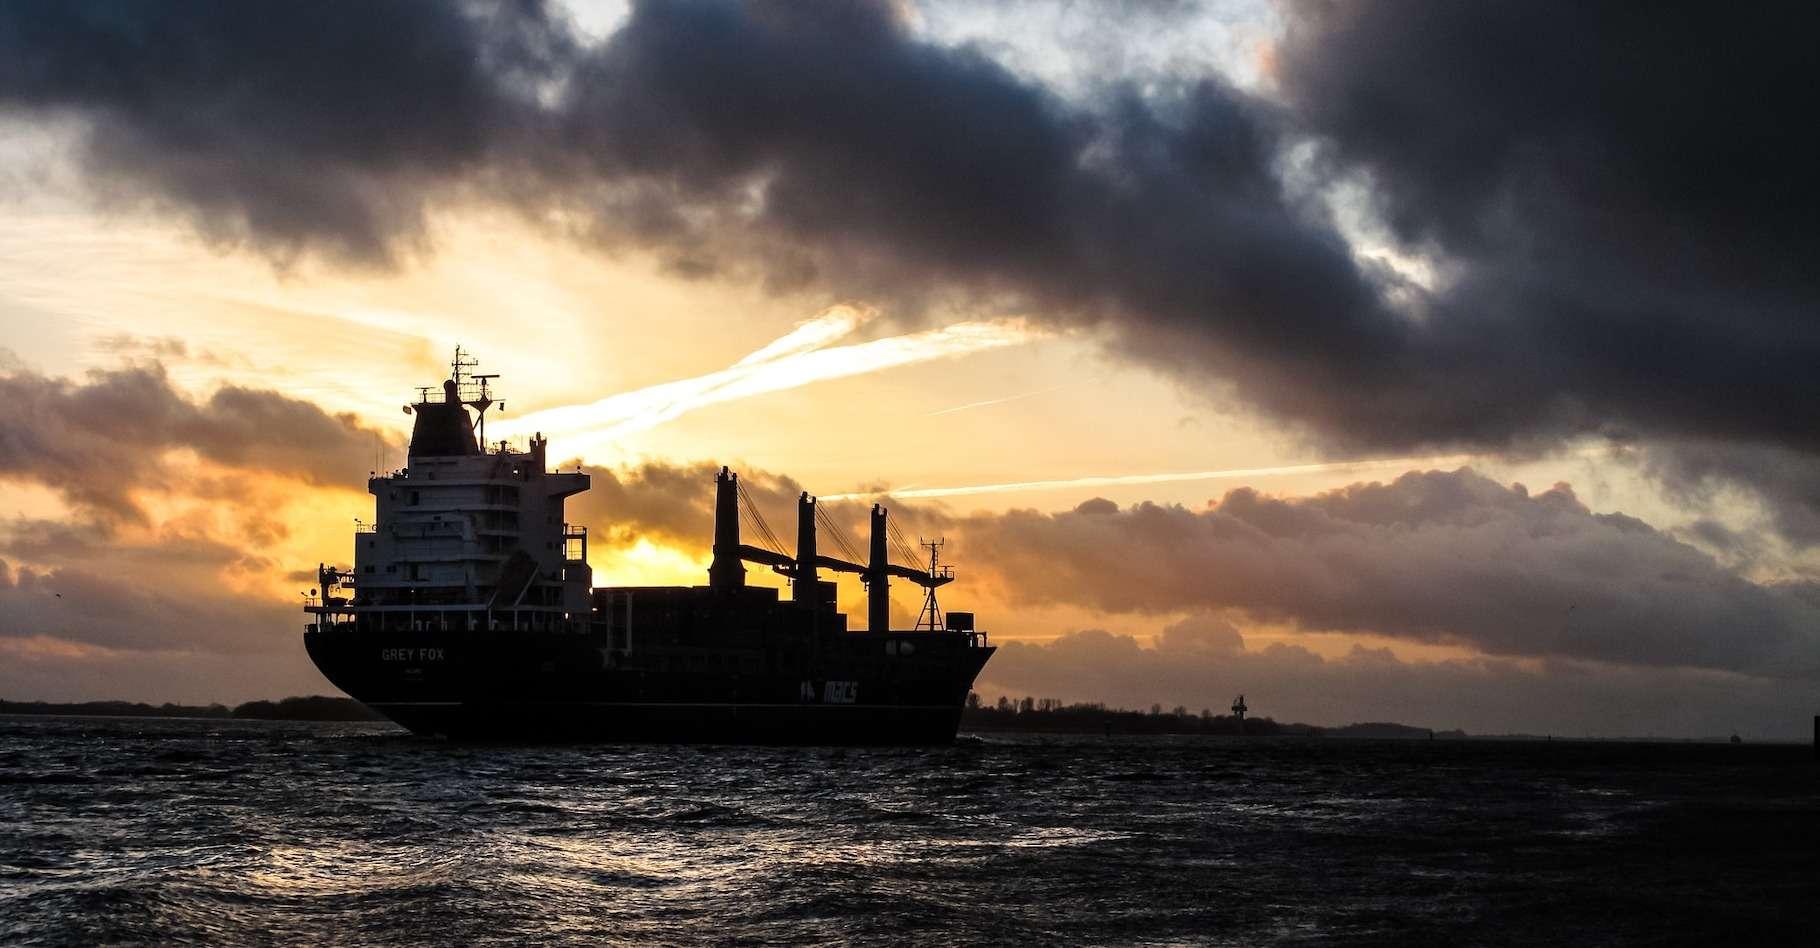 Les hydrocarbures qui se déversent sur les côtes du Brésil depuis un mois pourraient avoir été déversés depuis un pétrolier croisant au large du pays. © Free-photos, Pixabay License